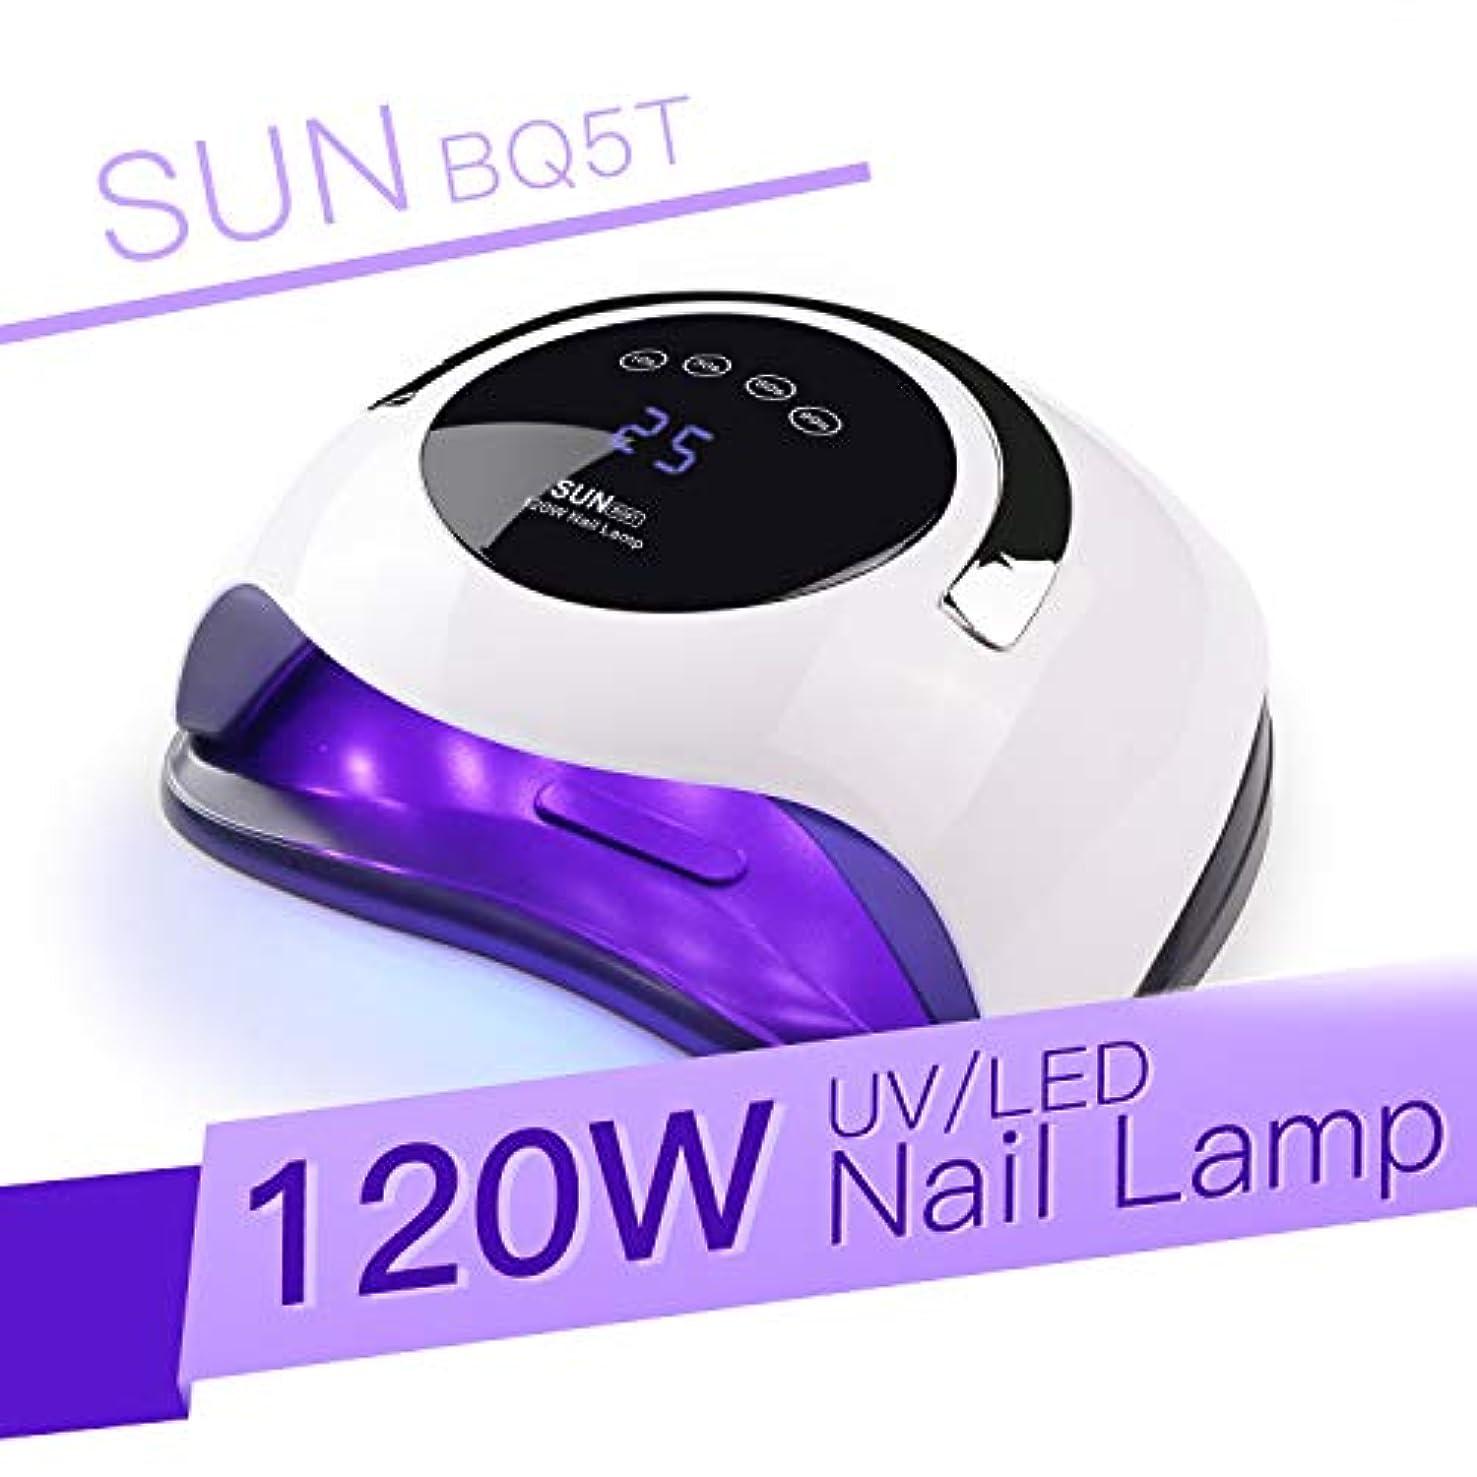 または半導体ふざけた120Wネイルドライヤー 硬化ライト UV/LEDライト 高速硬化 自動センサー マニキュア ジェルネイル用 4段階タイマー 赤外線検知